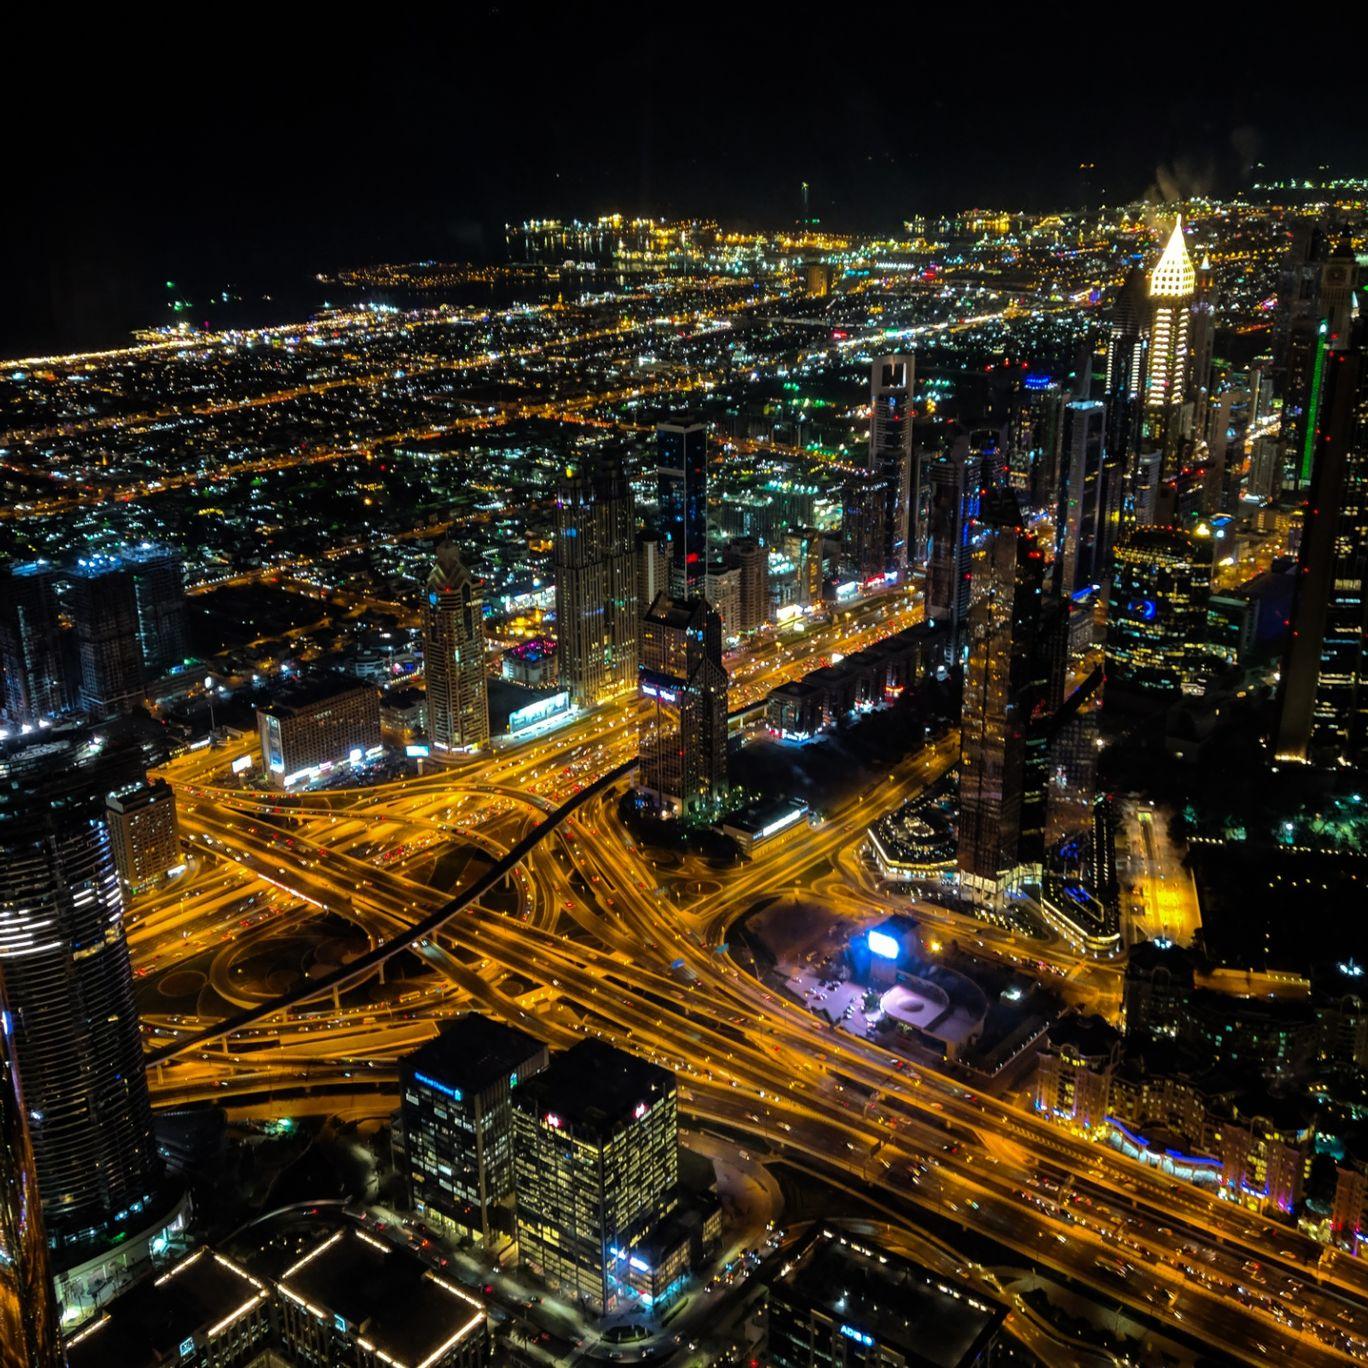 Photo of Burj Khalifa - Sheikh Mohammed bin Rashid Boulevard - Dubai - United Arab Emirates By Abhi Jain